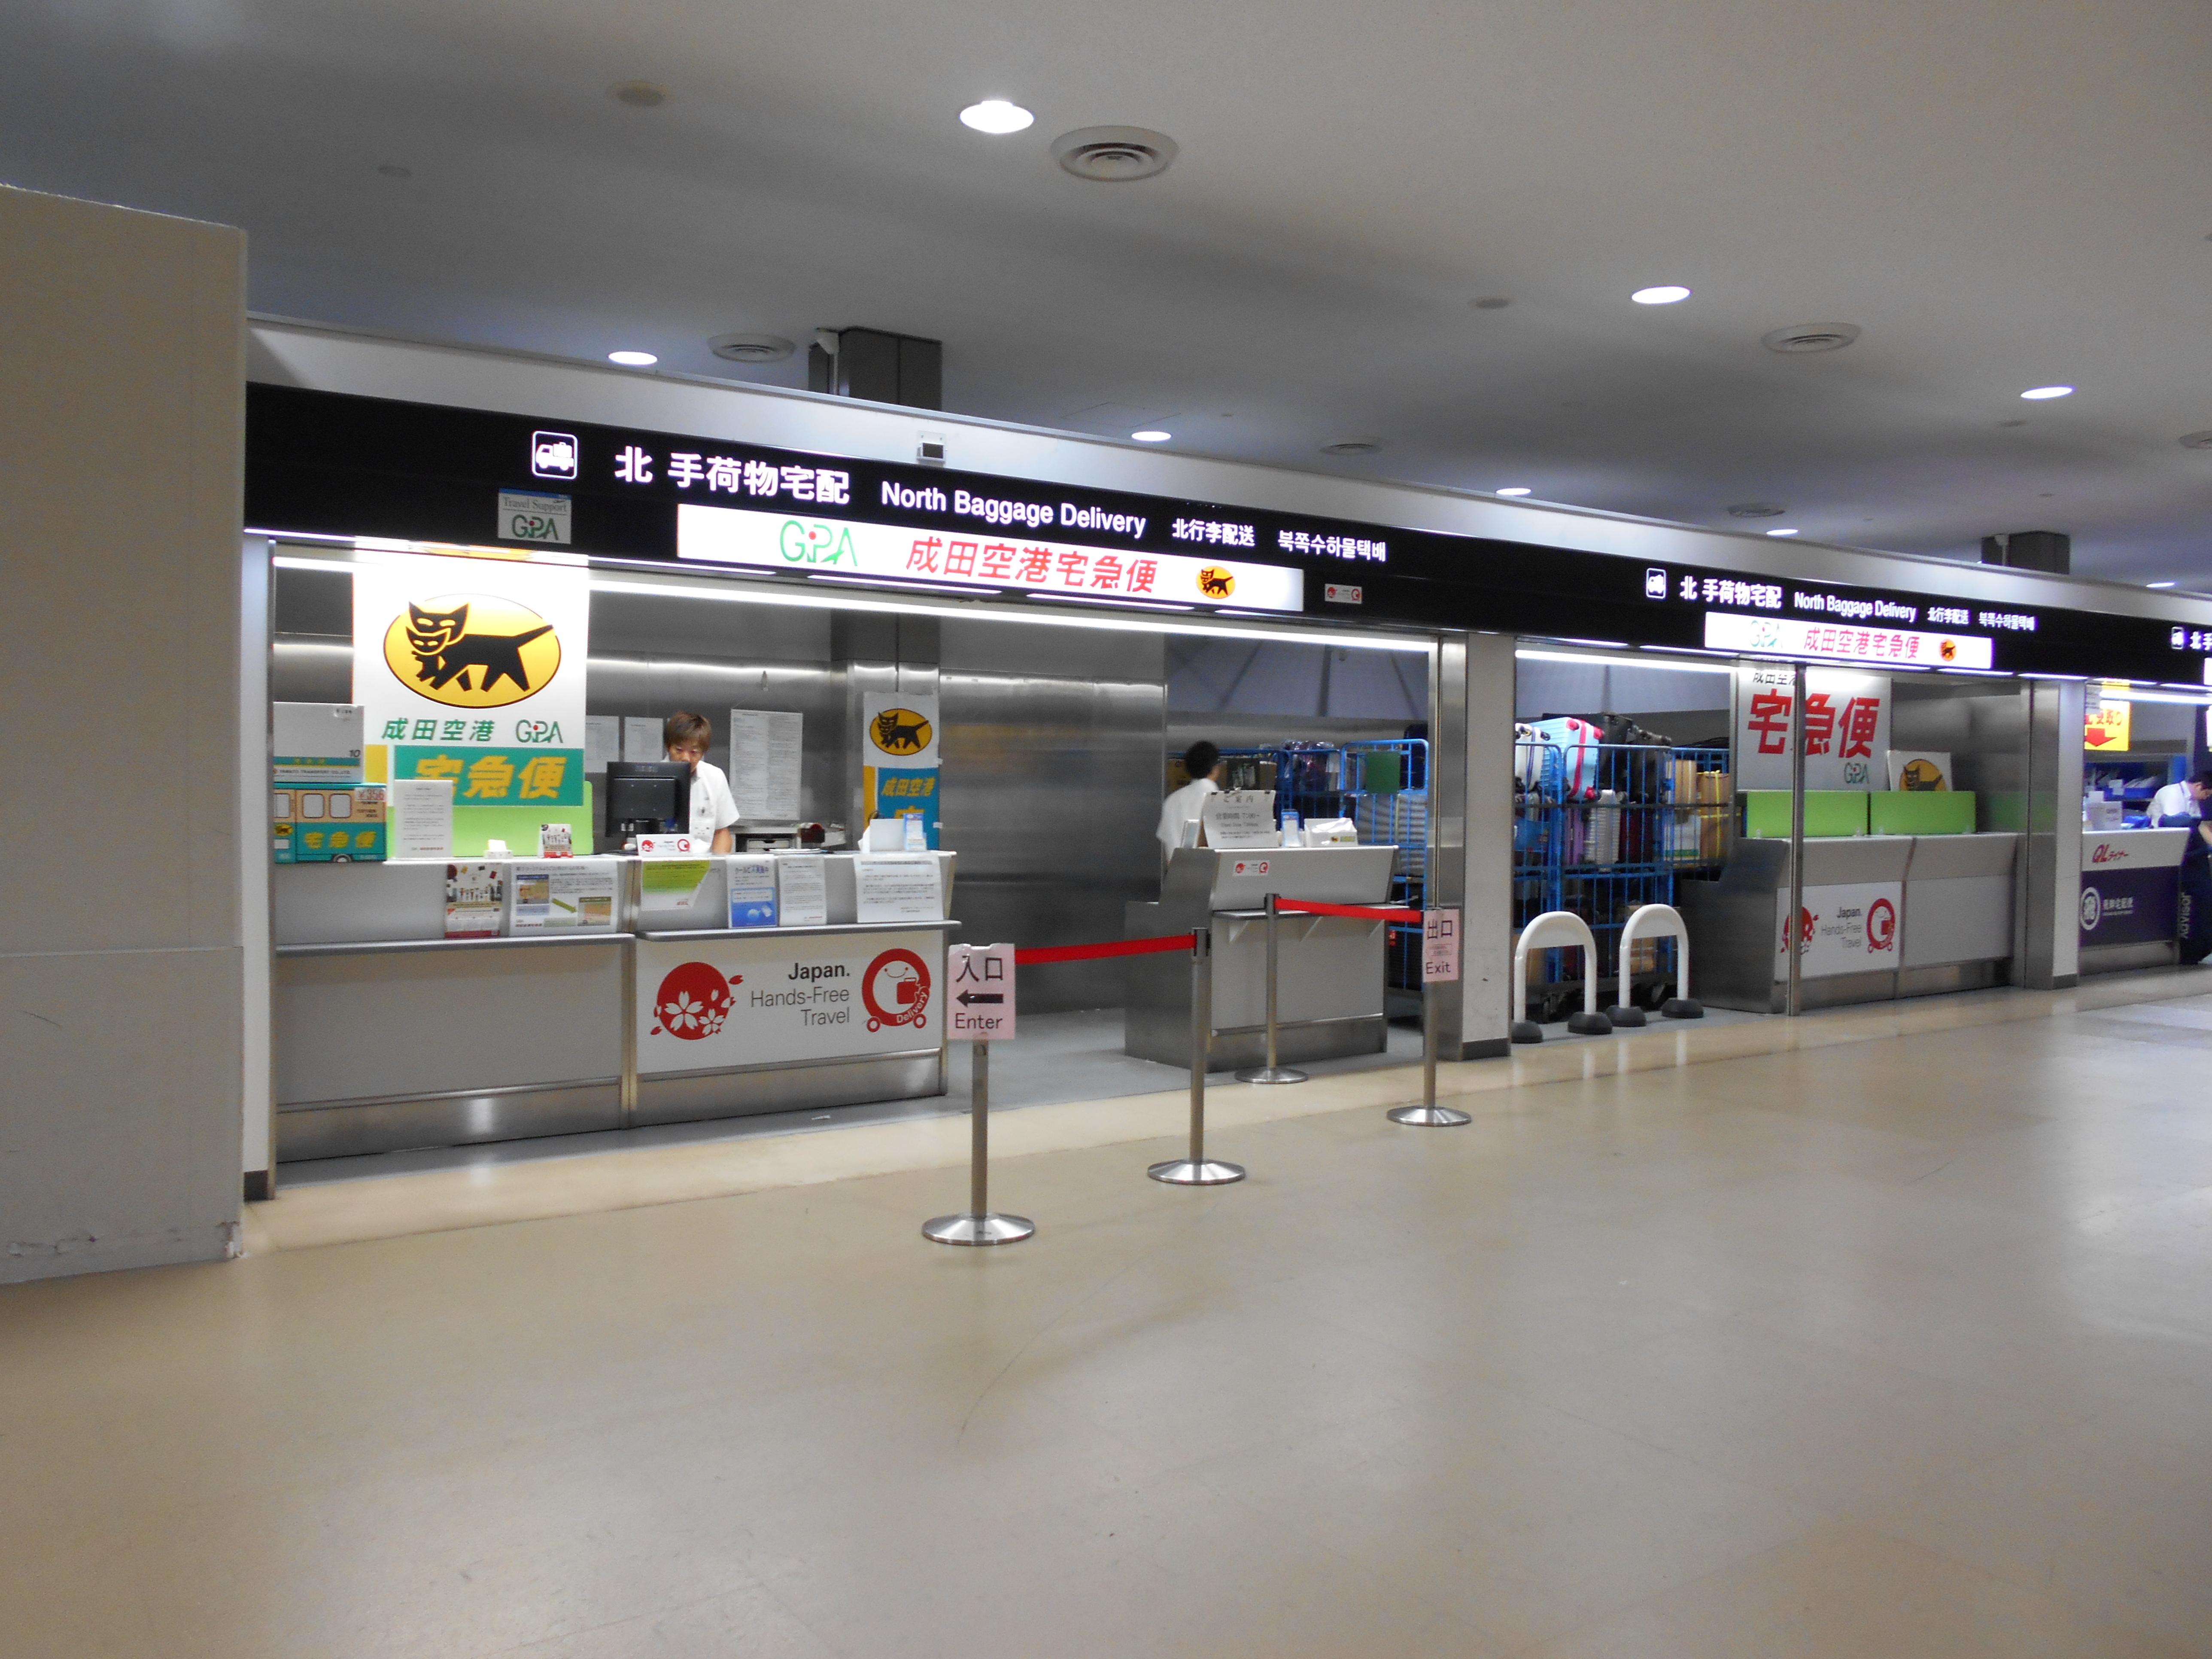 成田空港第2ターミナル内にあるクロネコヤマト